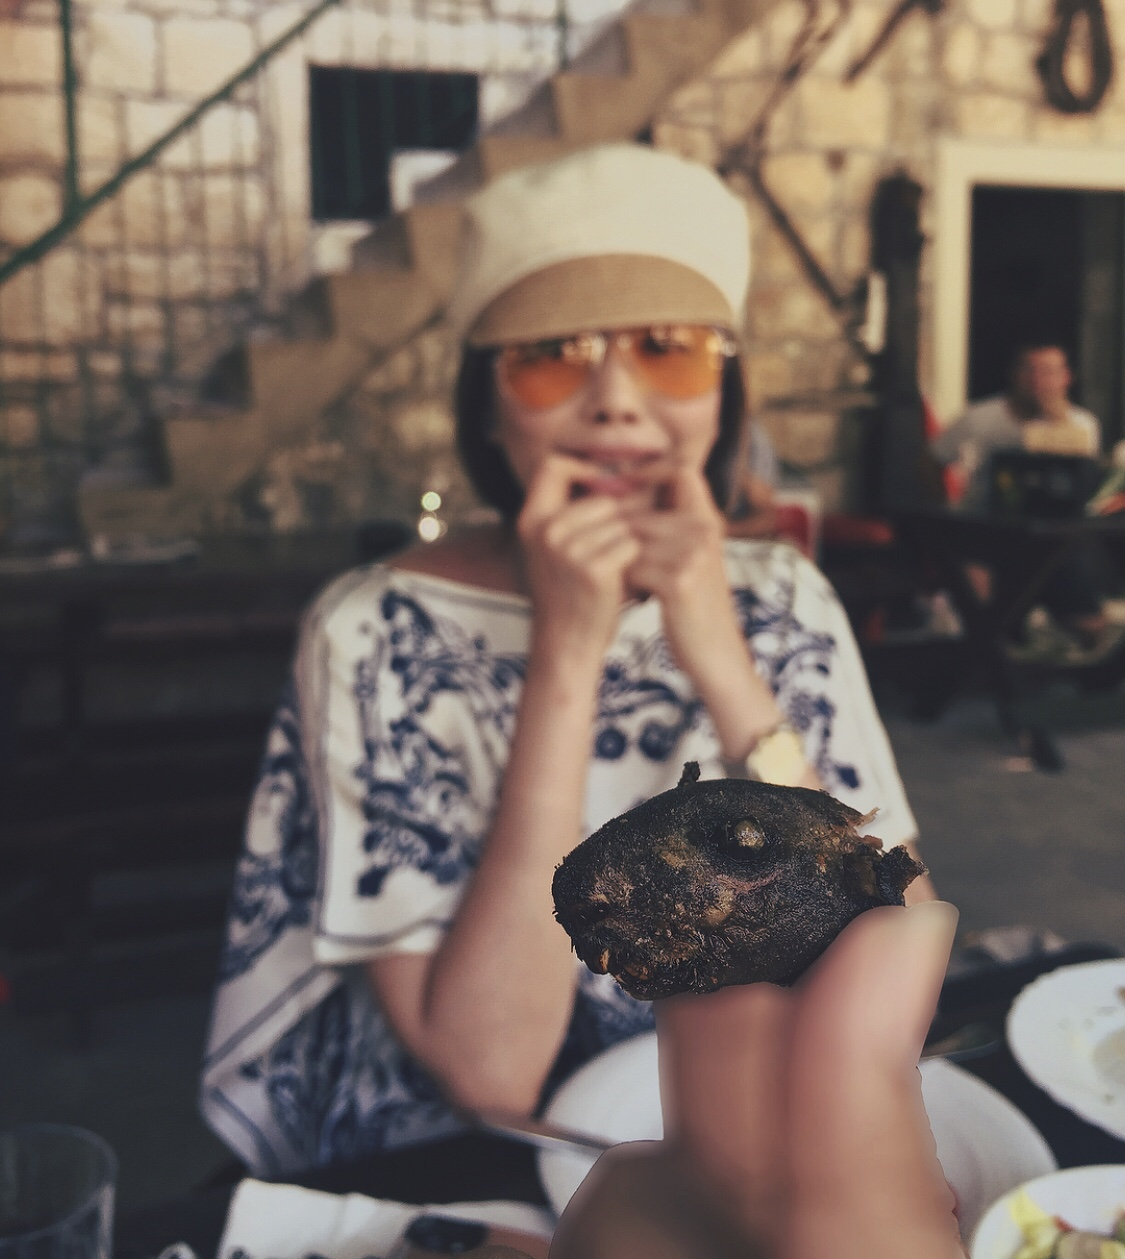 Bianca Valerio Rat Meat Croatia